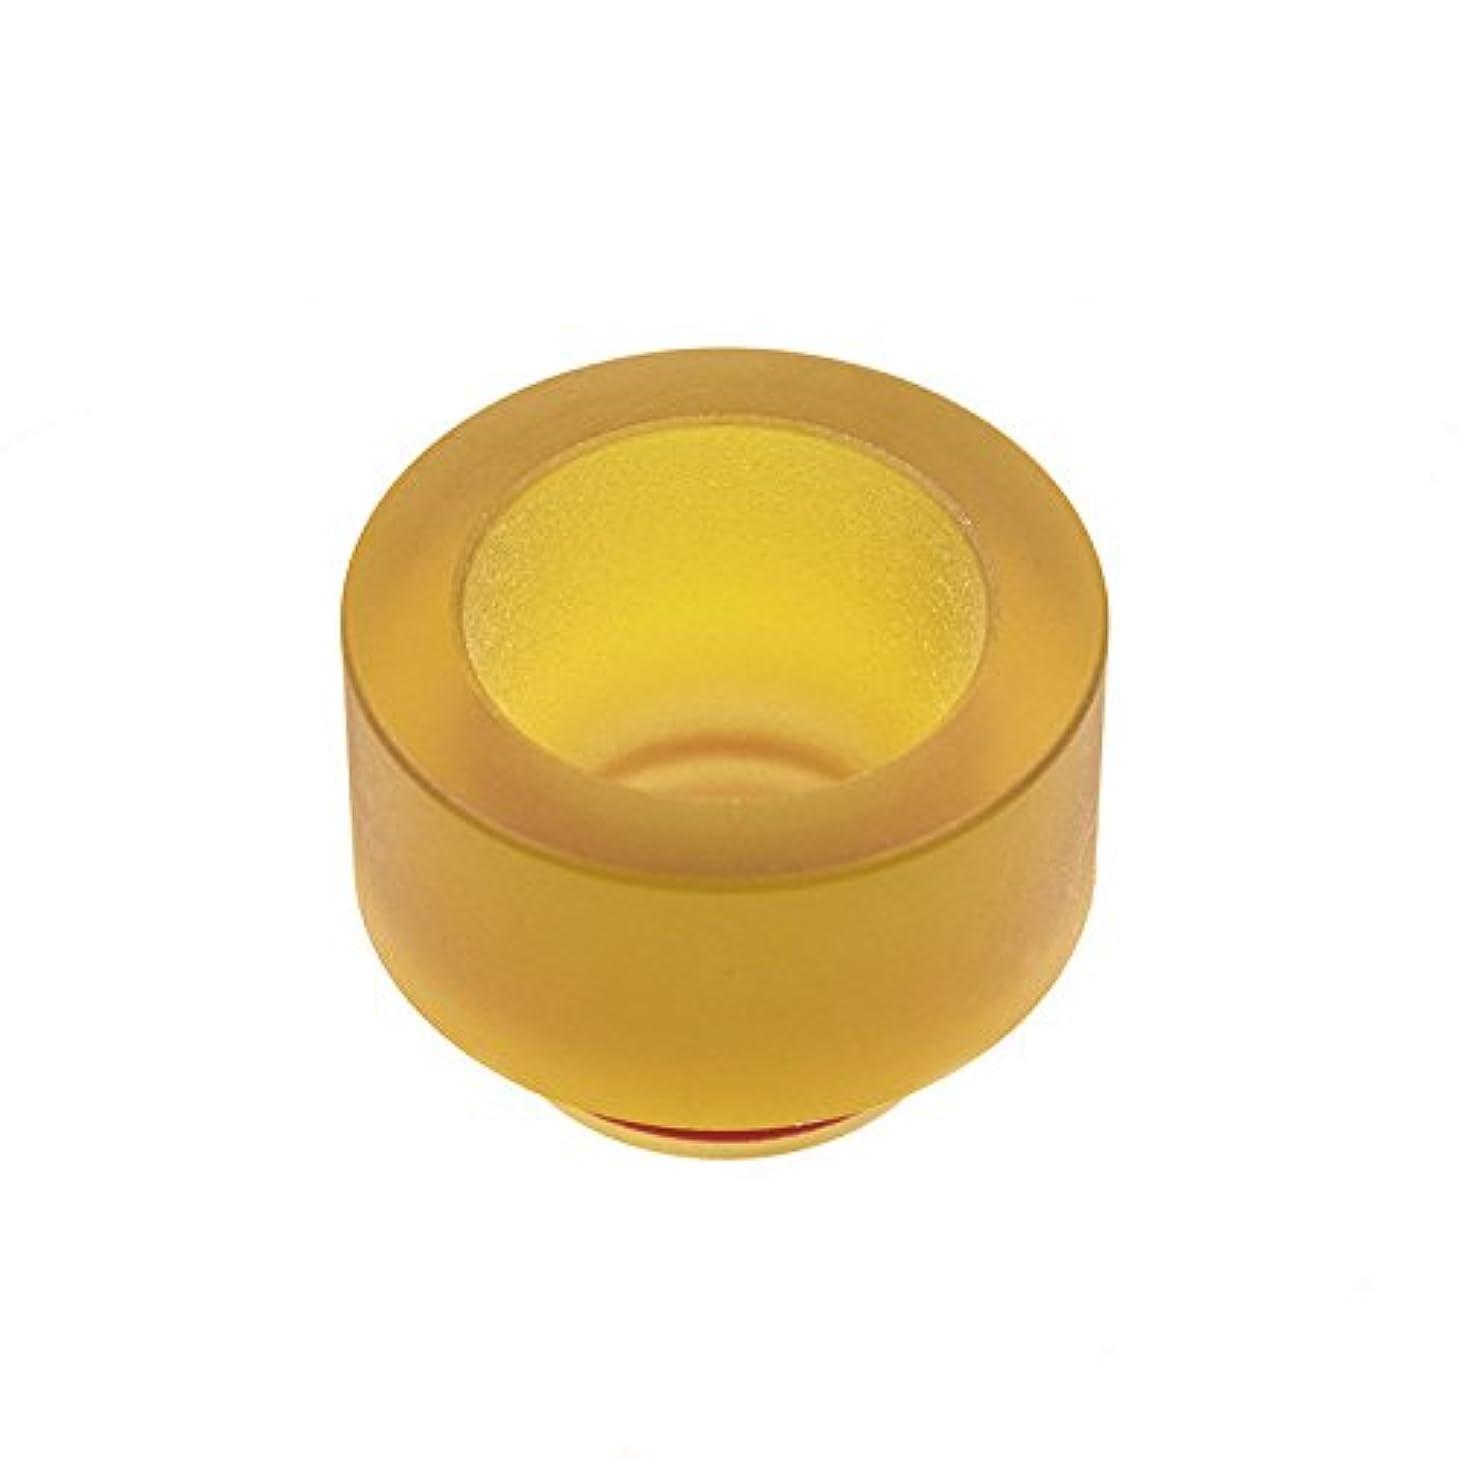 行為の頭の上アルコーブEWIN VAPE ウルテム 味重視 ドリップチップ Drip Tip 電子タバコ VAPE ULTEM PEI 510 810 (810)